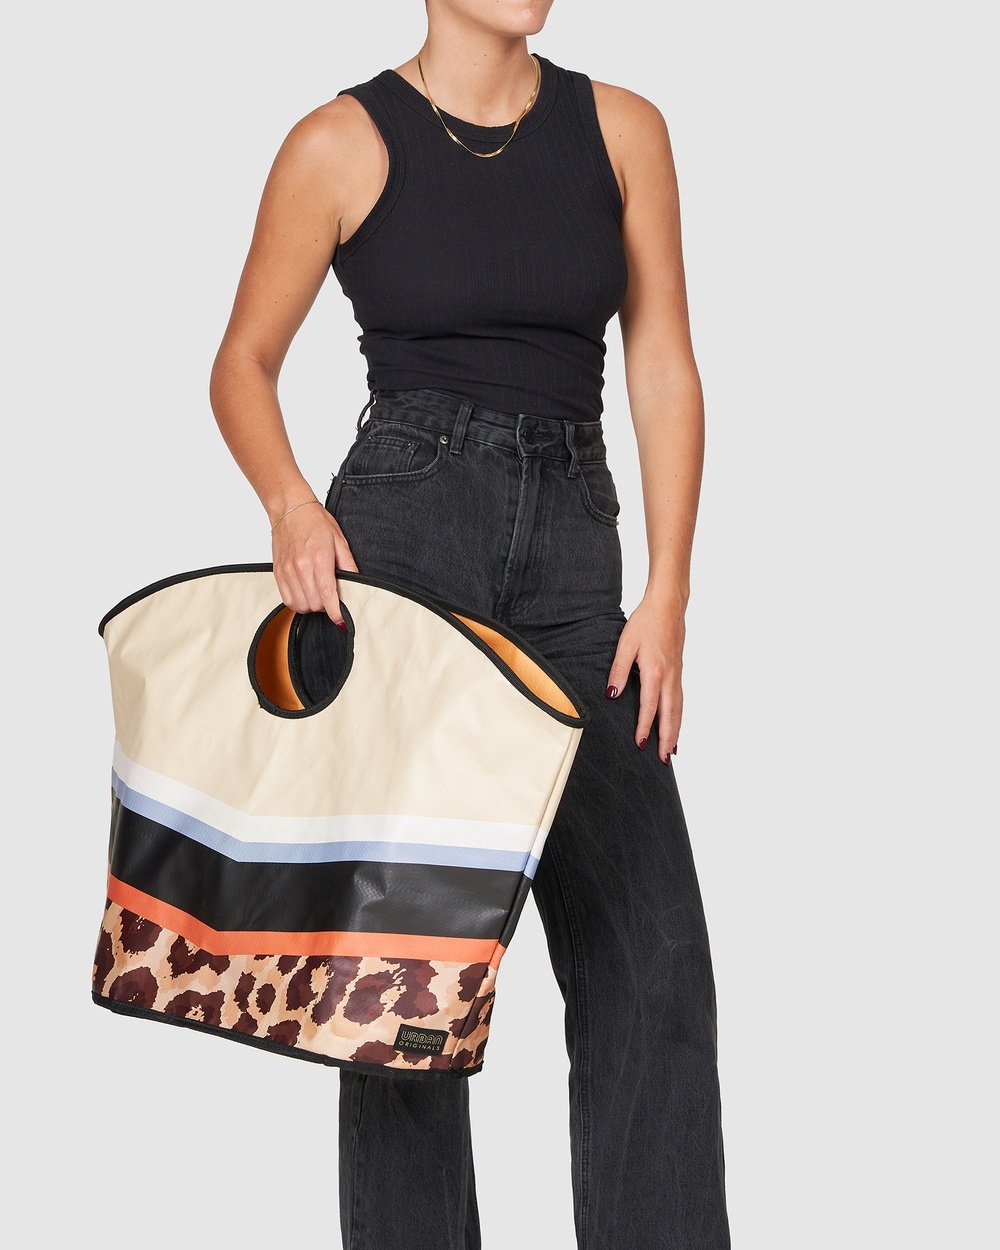 Urban Originals Carry All Bag Bags SPort